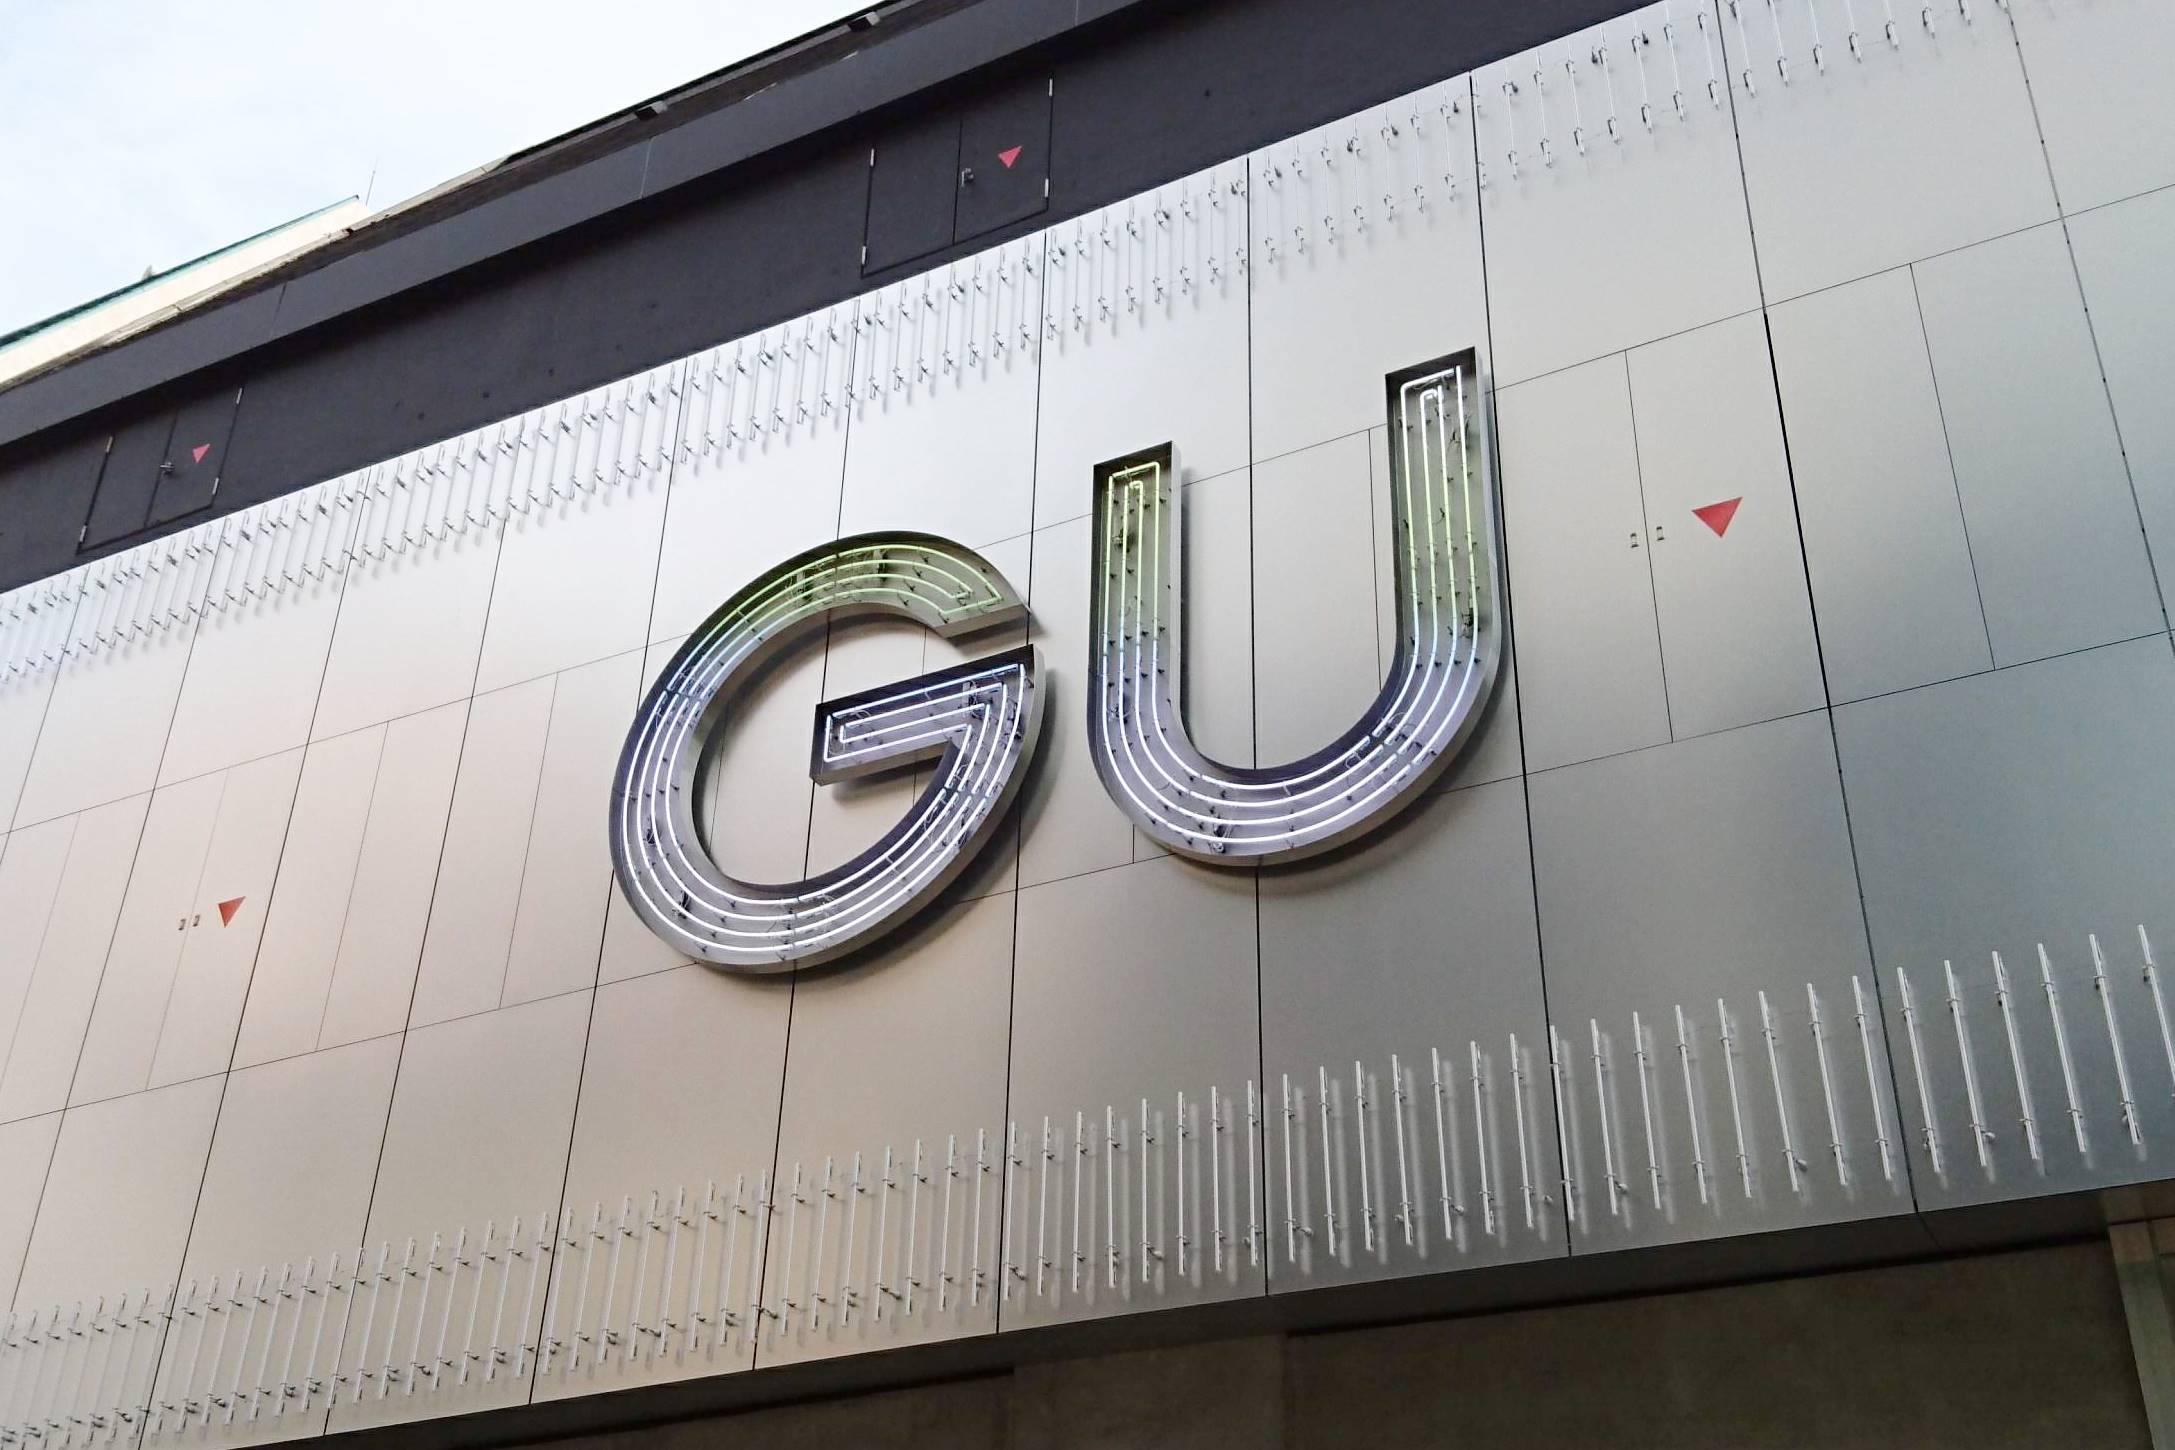 【GU】着まわし力抜群!みんながヘビロテする「旬な春トップス」4選